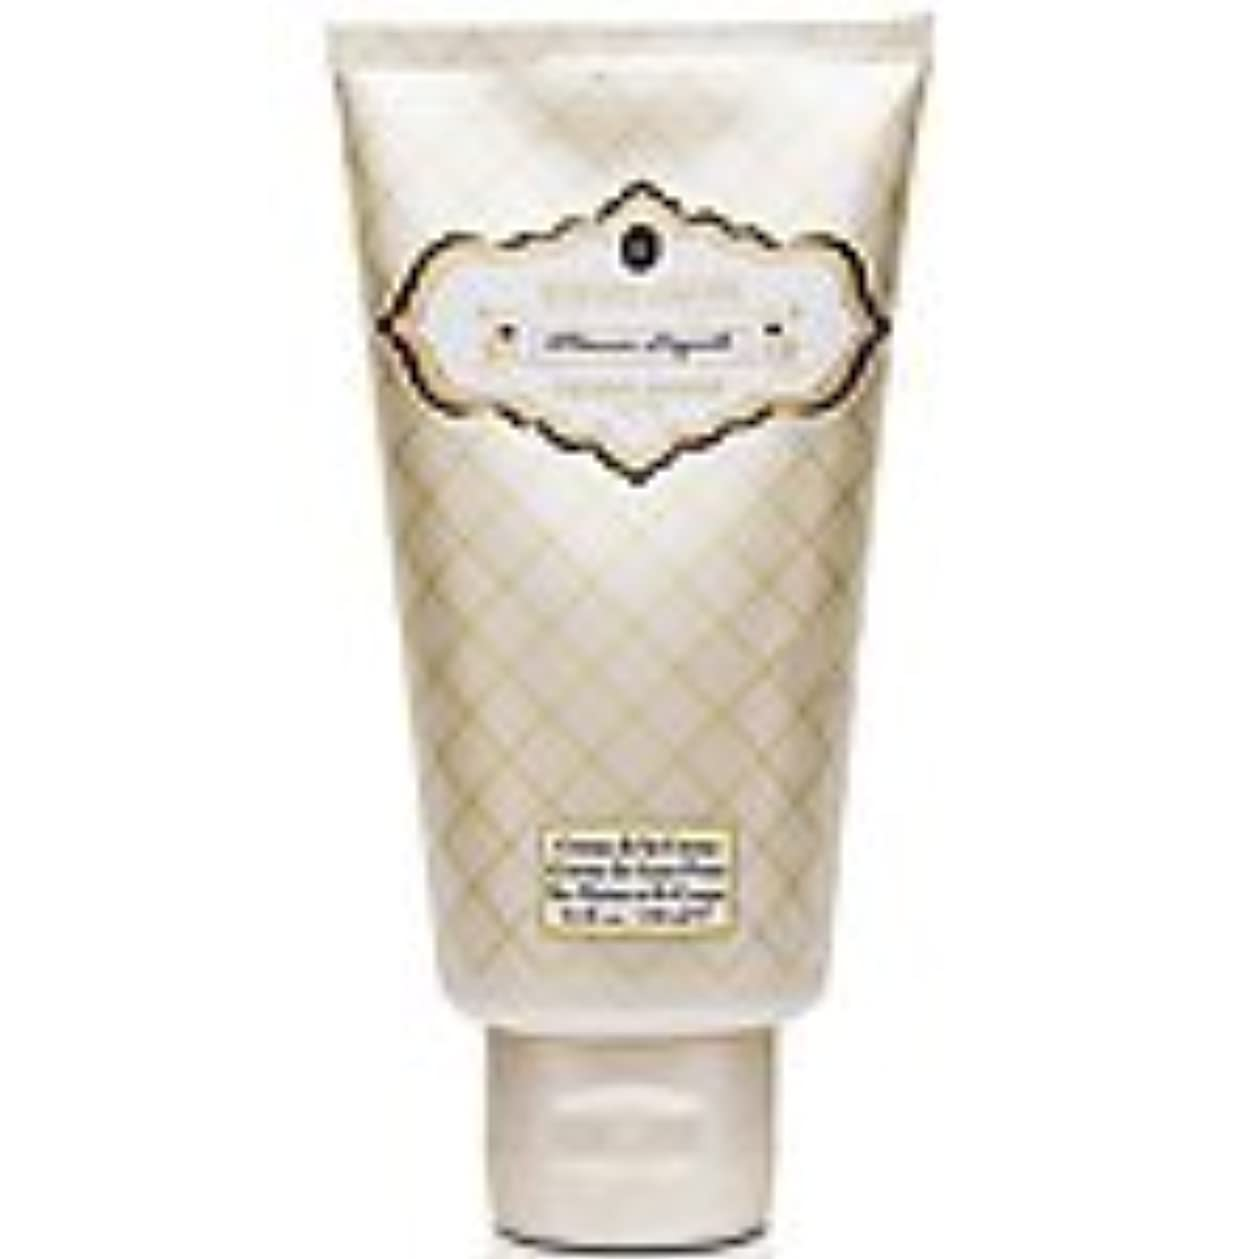 傑作順応性のある対人Memoire Liquide Reserve - Encens Liquide (メモワールリキッドリザーブ - エンセンスリキッド) 5.1 oz (153ml) Body Cream for Unisex